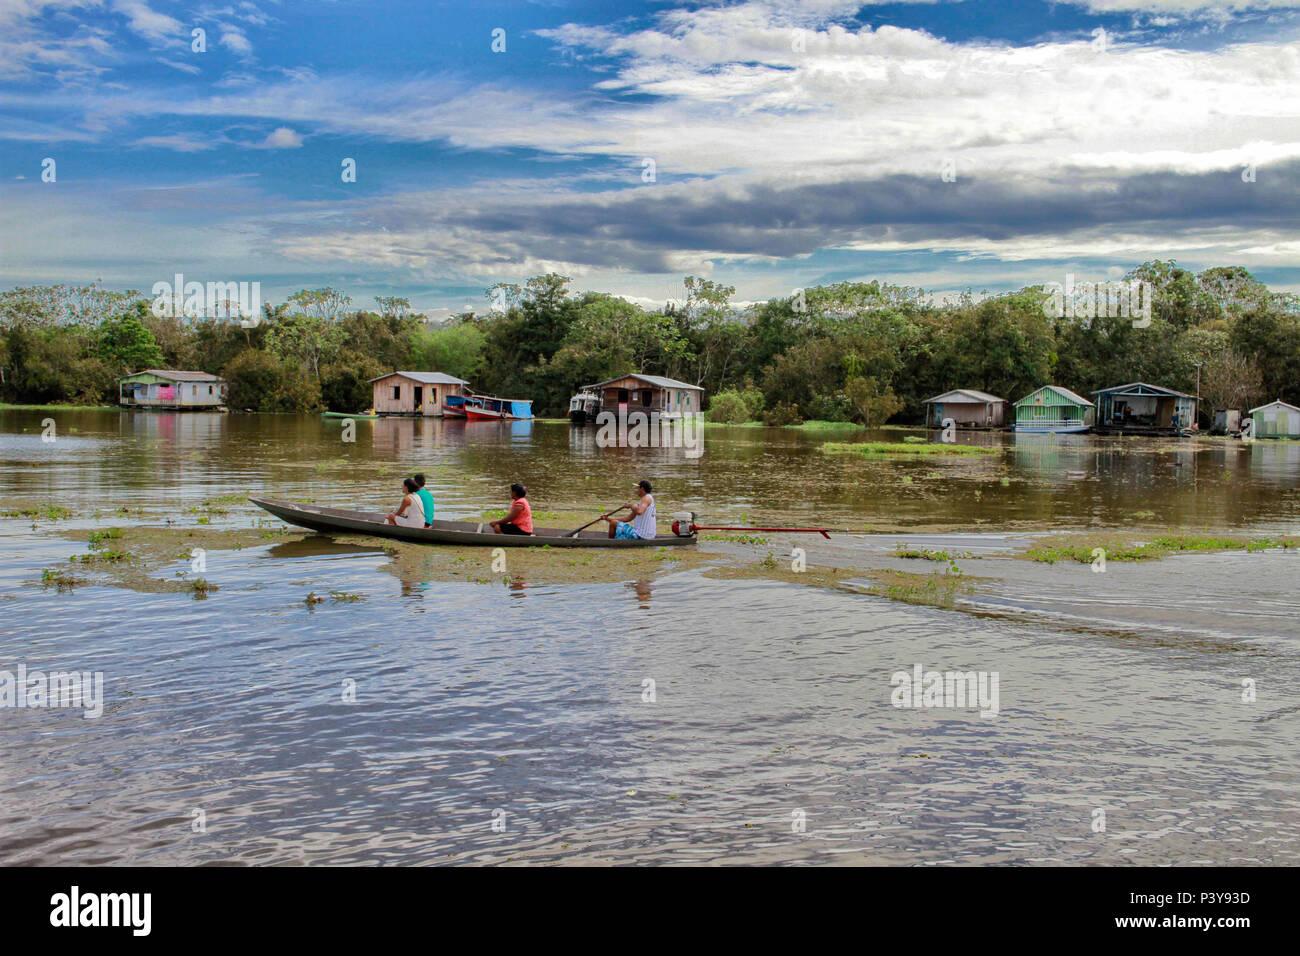 """No município de iranduba no Amazonas, una Comunidade Catalão reduto é um Pouco de tranquilidade a menos de 30 minutos de Manaus pelo Río Negro, são106 casas flutuantes que un formam, que ficam sobre toras de Madeira que, molhadas duram, décadas. Há uma atração apenas que una de seu flutuante peixaria 'Alemão"""", onde os turistas pescam pirarucu. Foto de stock"""